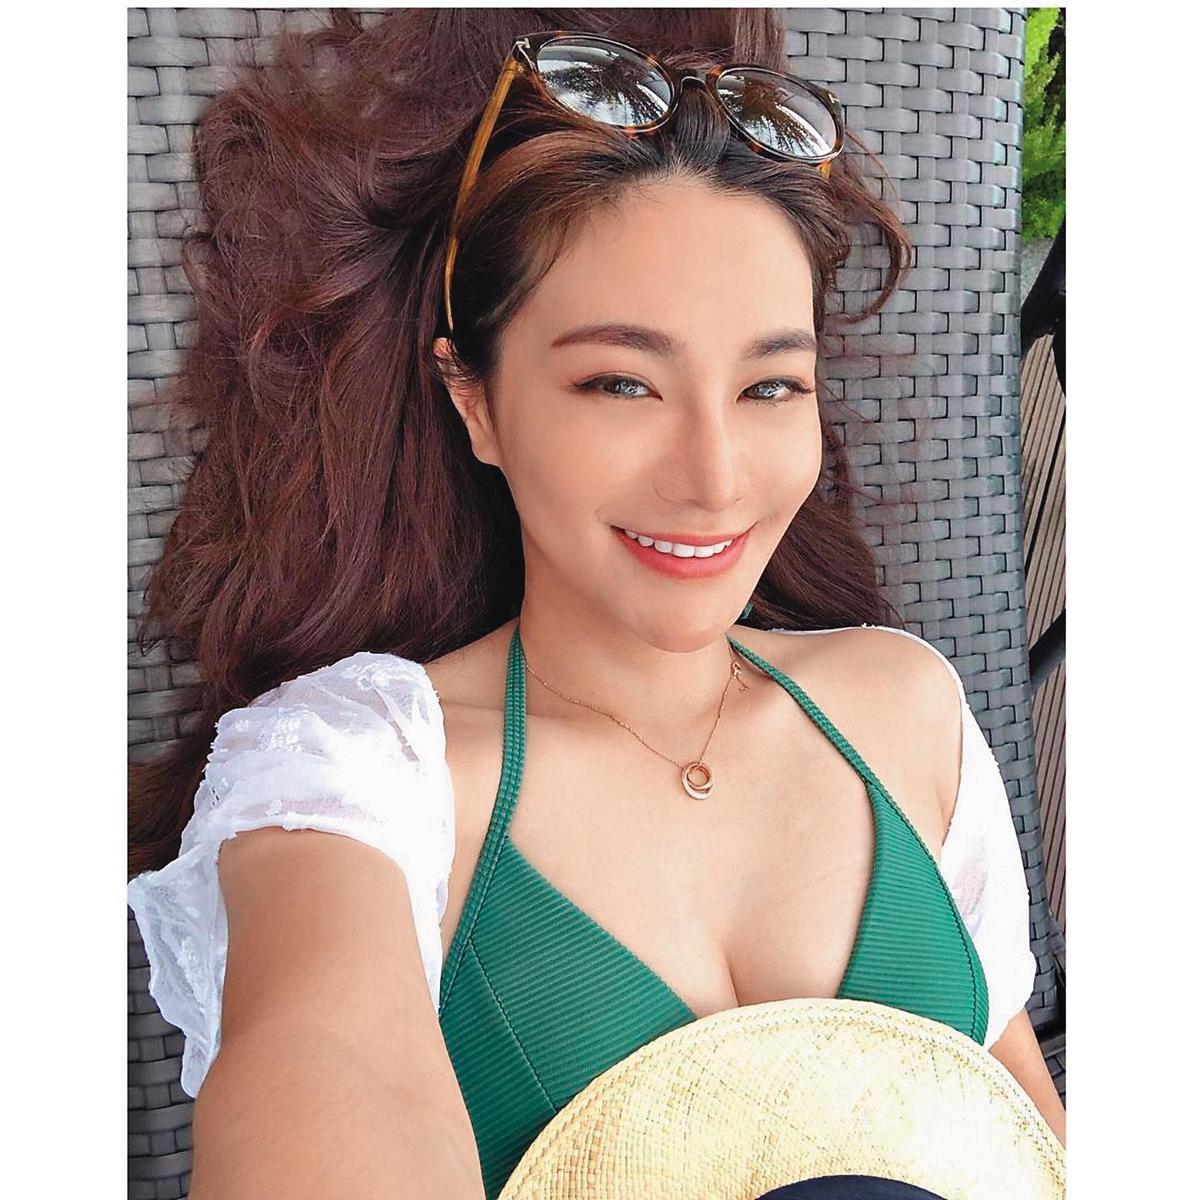 雖已是39歲熟女,林以婕對自己的身材相當有自信,常上傳一些辣照。(翻攝自林以婕IG)